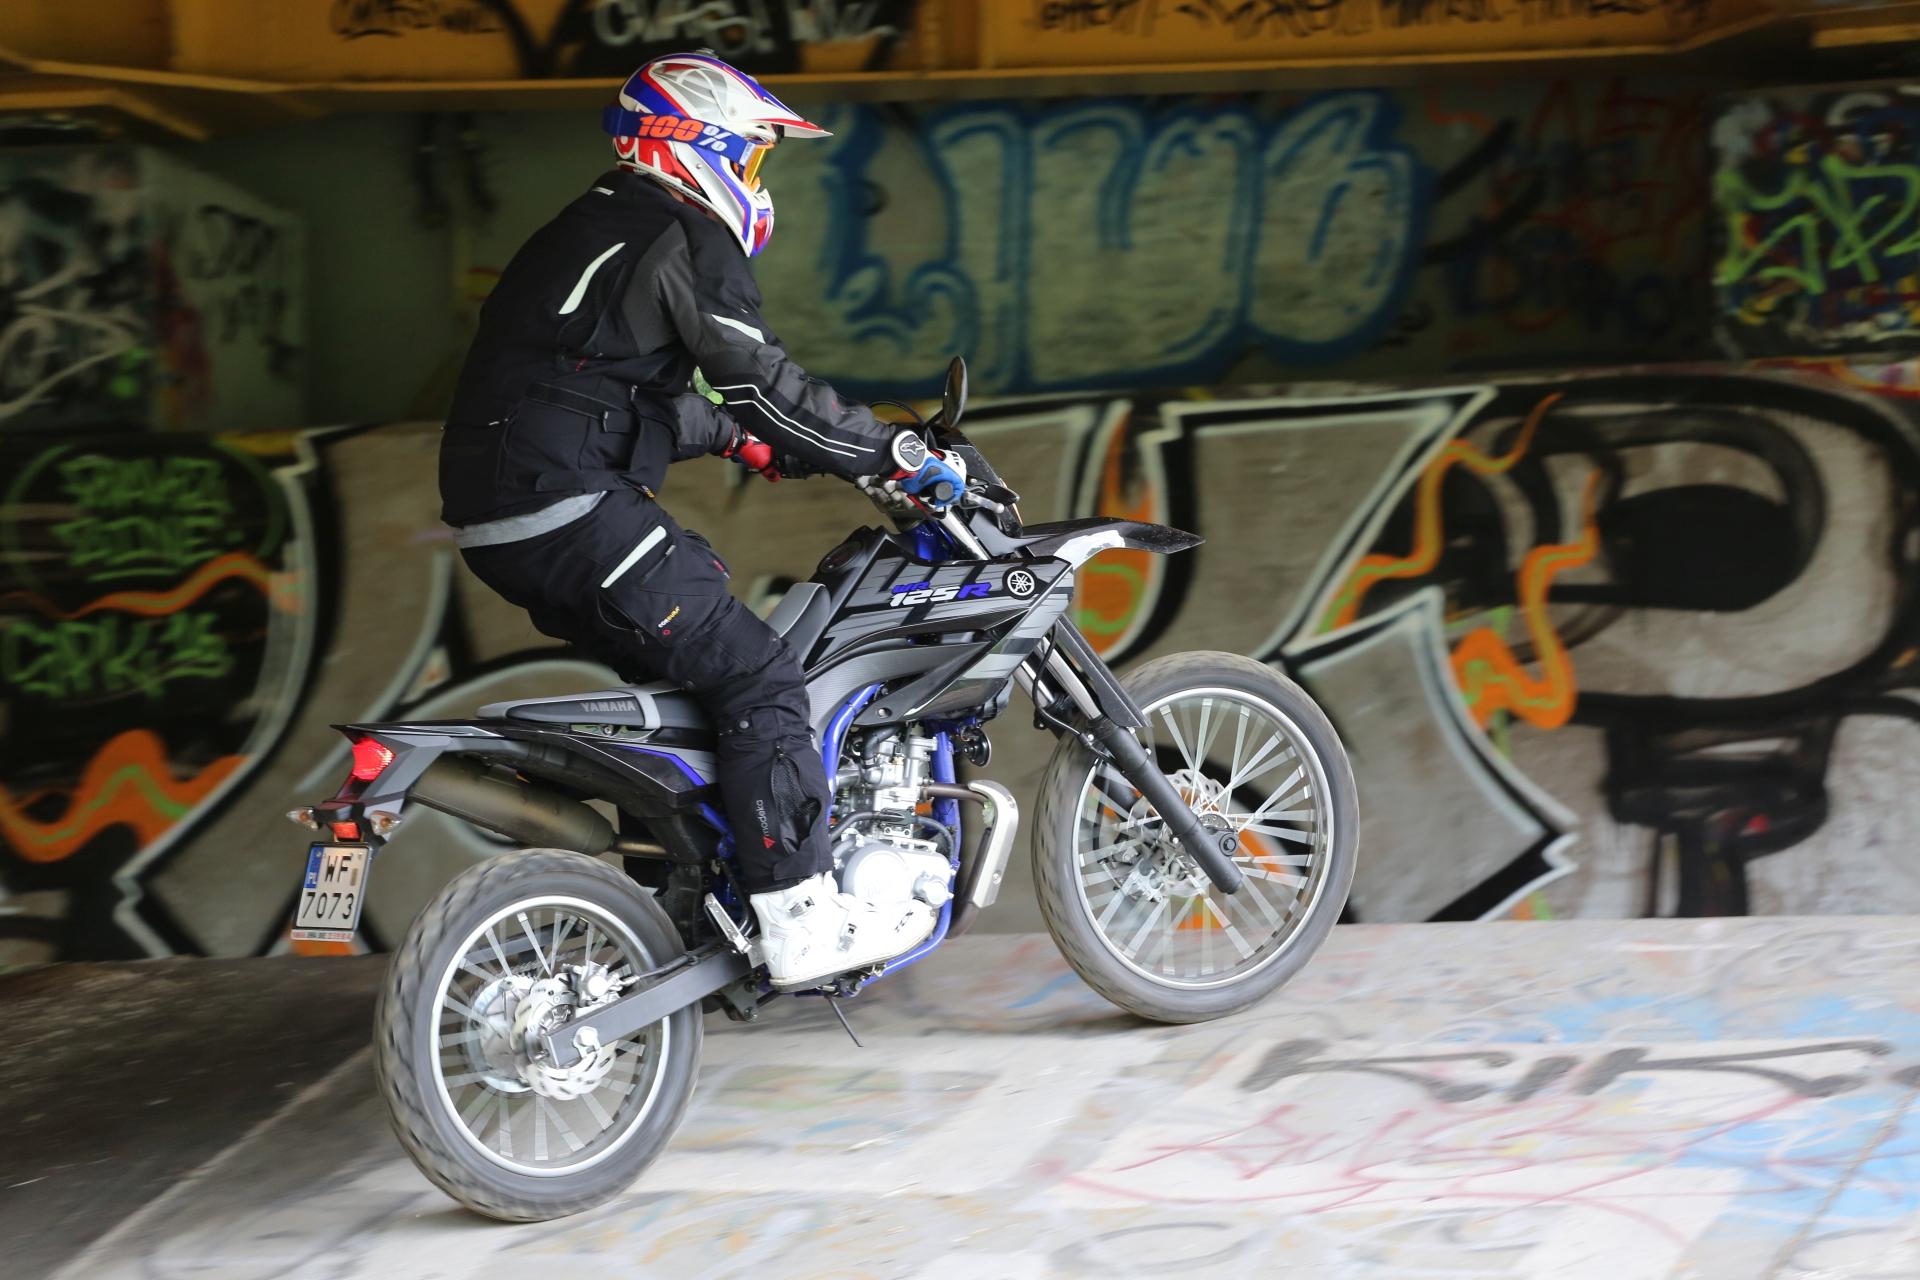 31.05.2016 Warszawa , Motocykl Yamaha WR 125 R . Testuje Tomasz Student Niewiadomski . Fot . Slawomir Kaminski / Agencja Gazeta